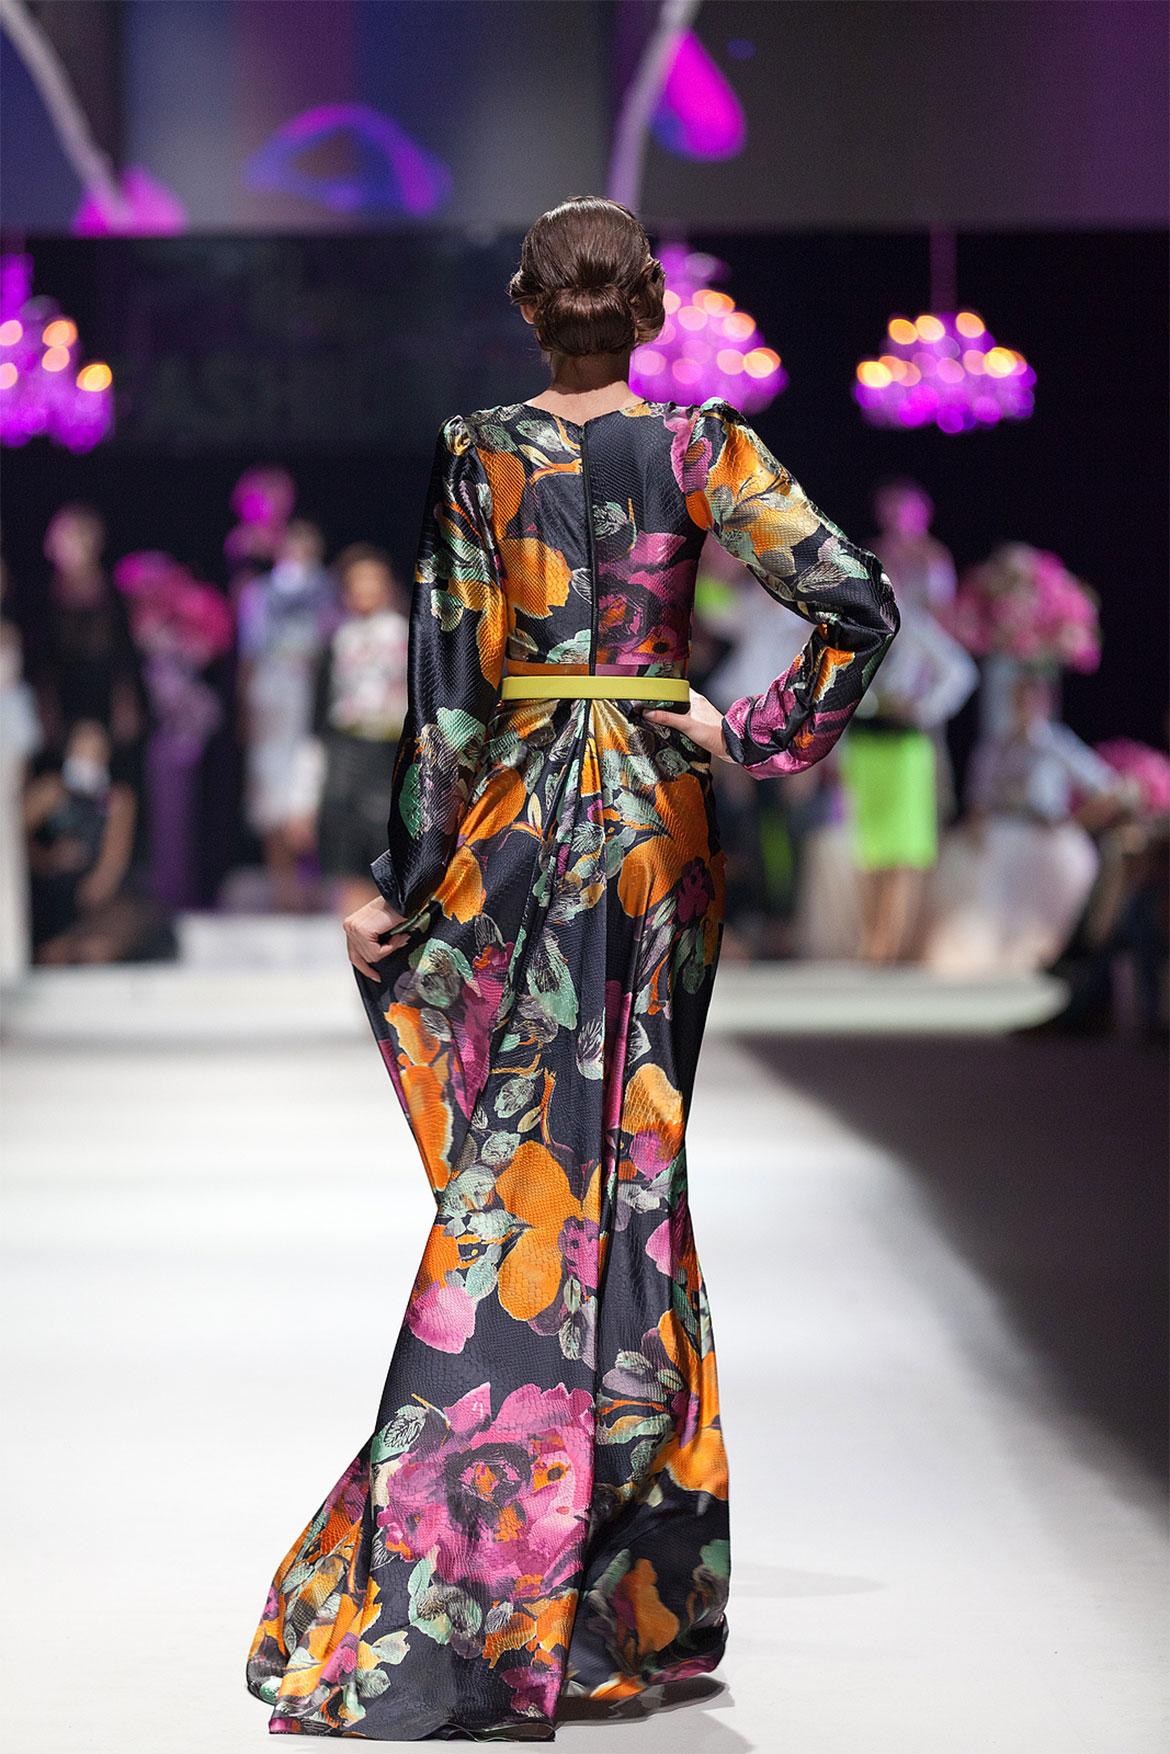 Style et mode de l'année 2010 à nos jours - Robe de créateur - Elvisa JASAK